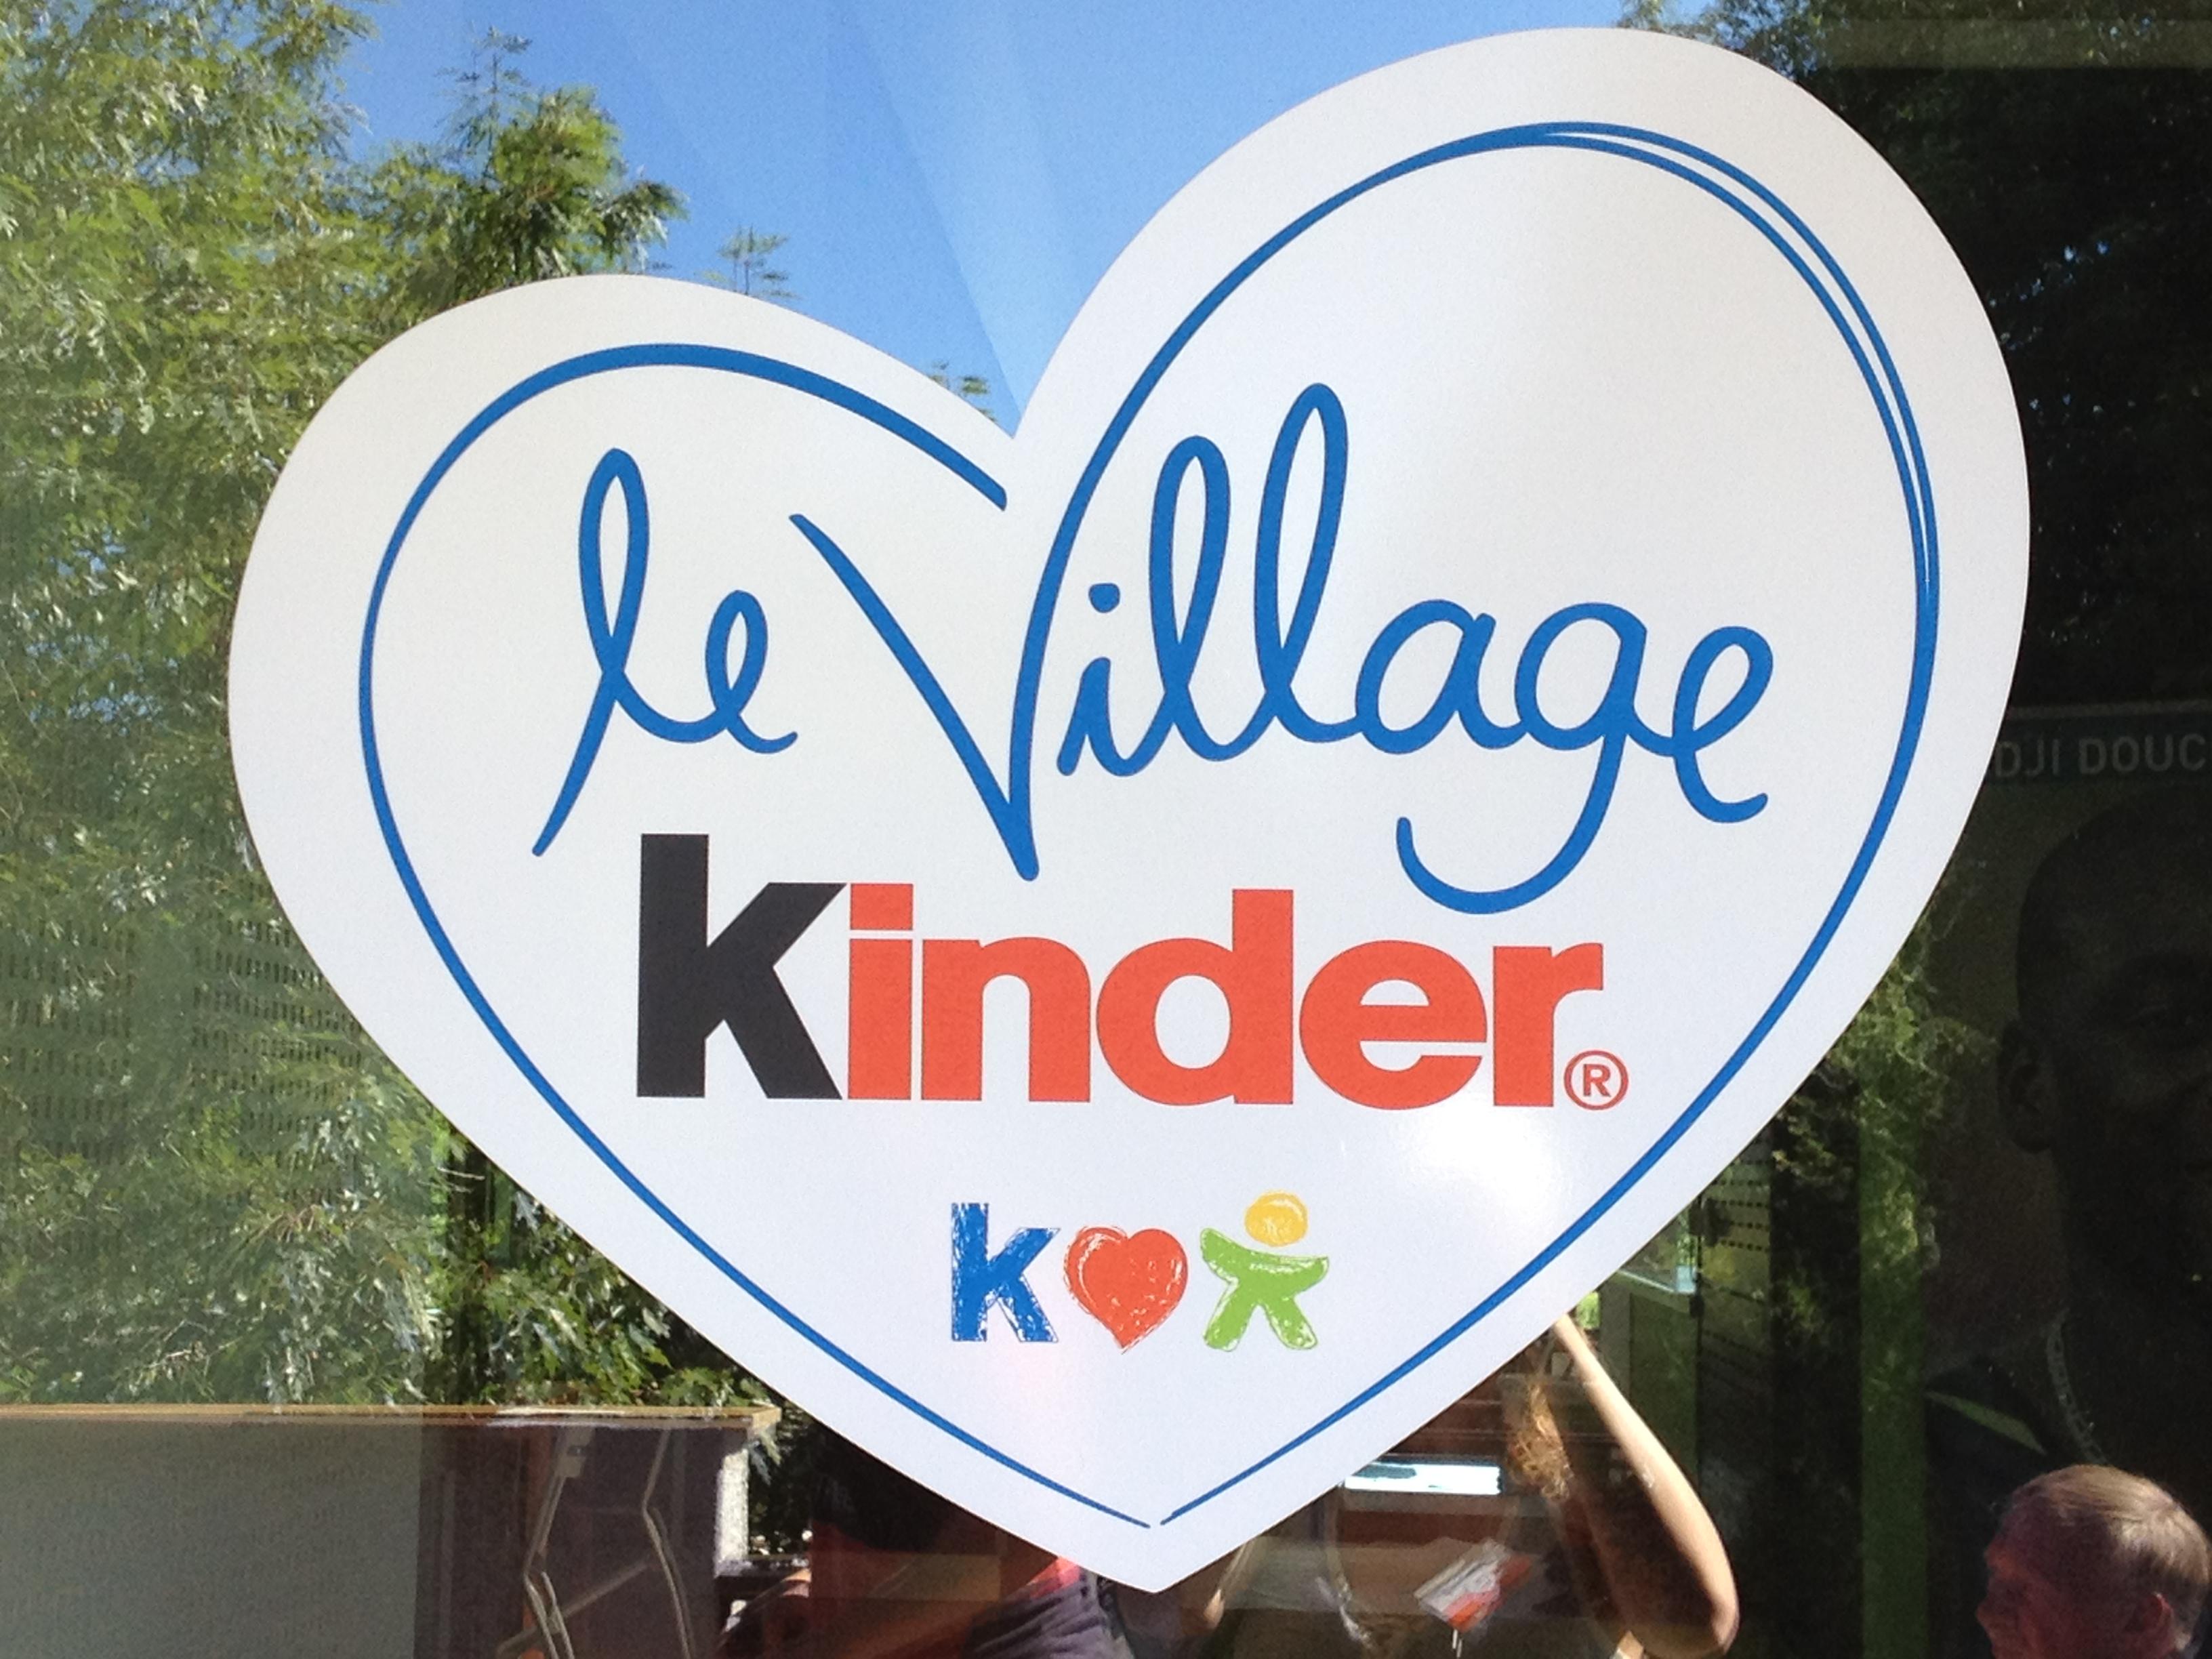 Le village Kinder